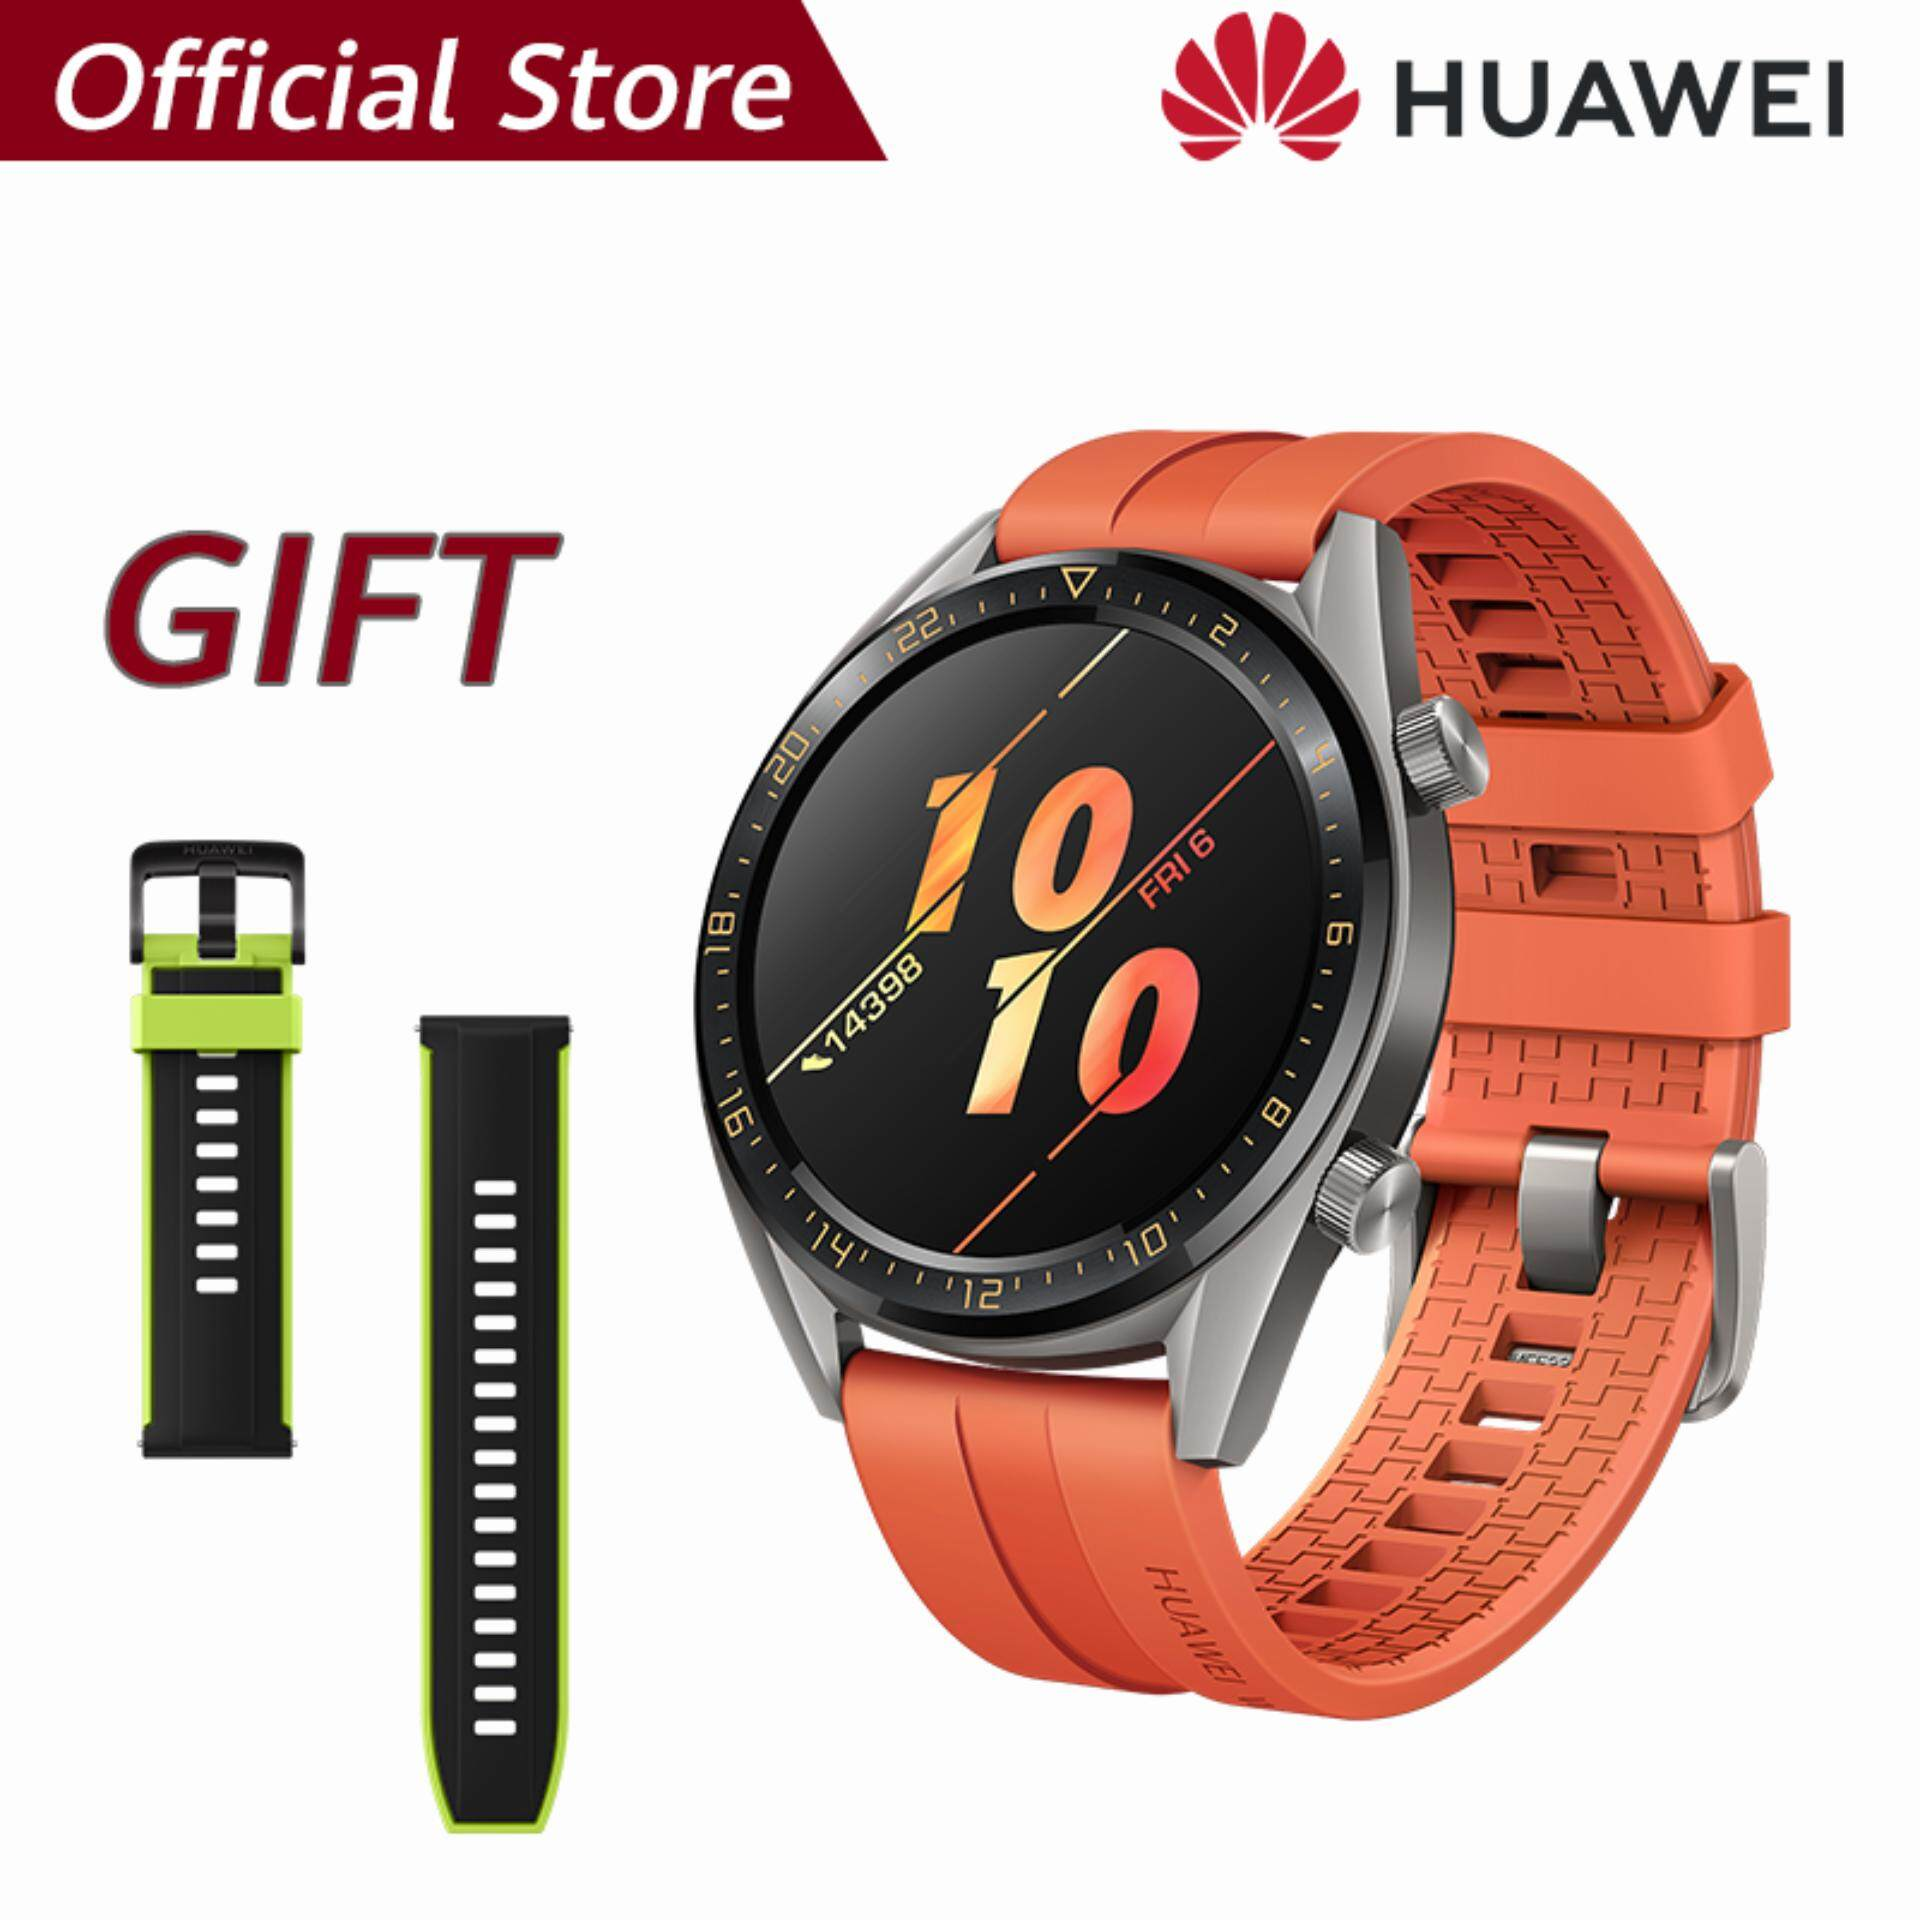 【ผ่อน 0% 10 เดือน】Huawei Watch GT แบตเตอรี่ที่แข็งแกร่ง*รับของแถม Huawei strap